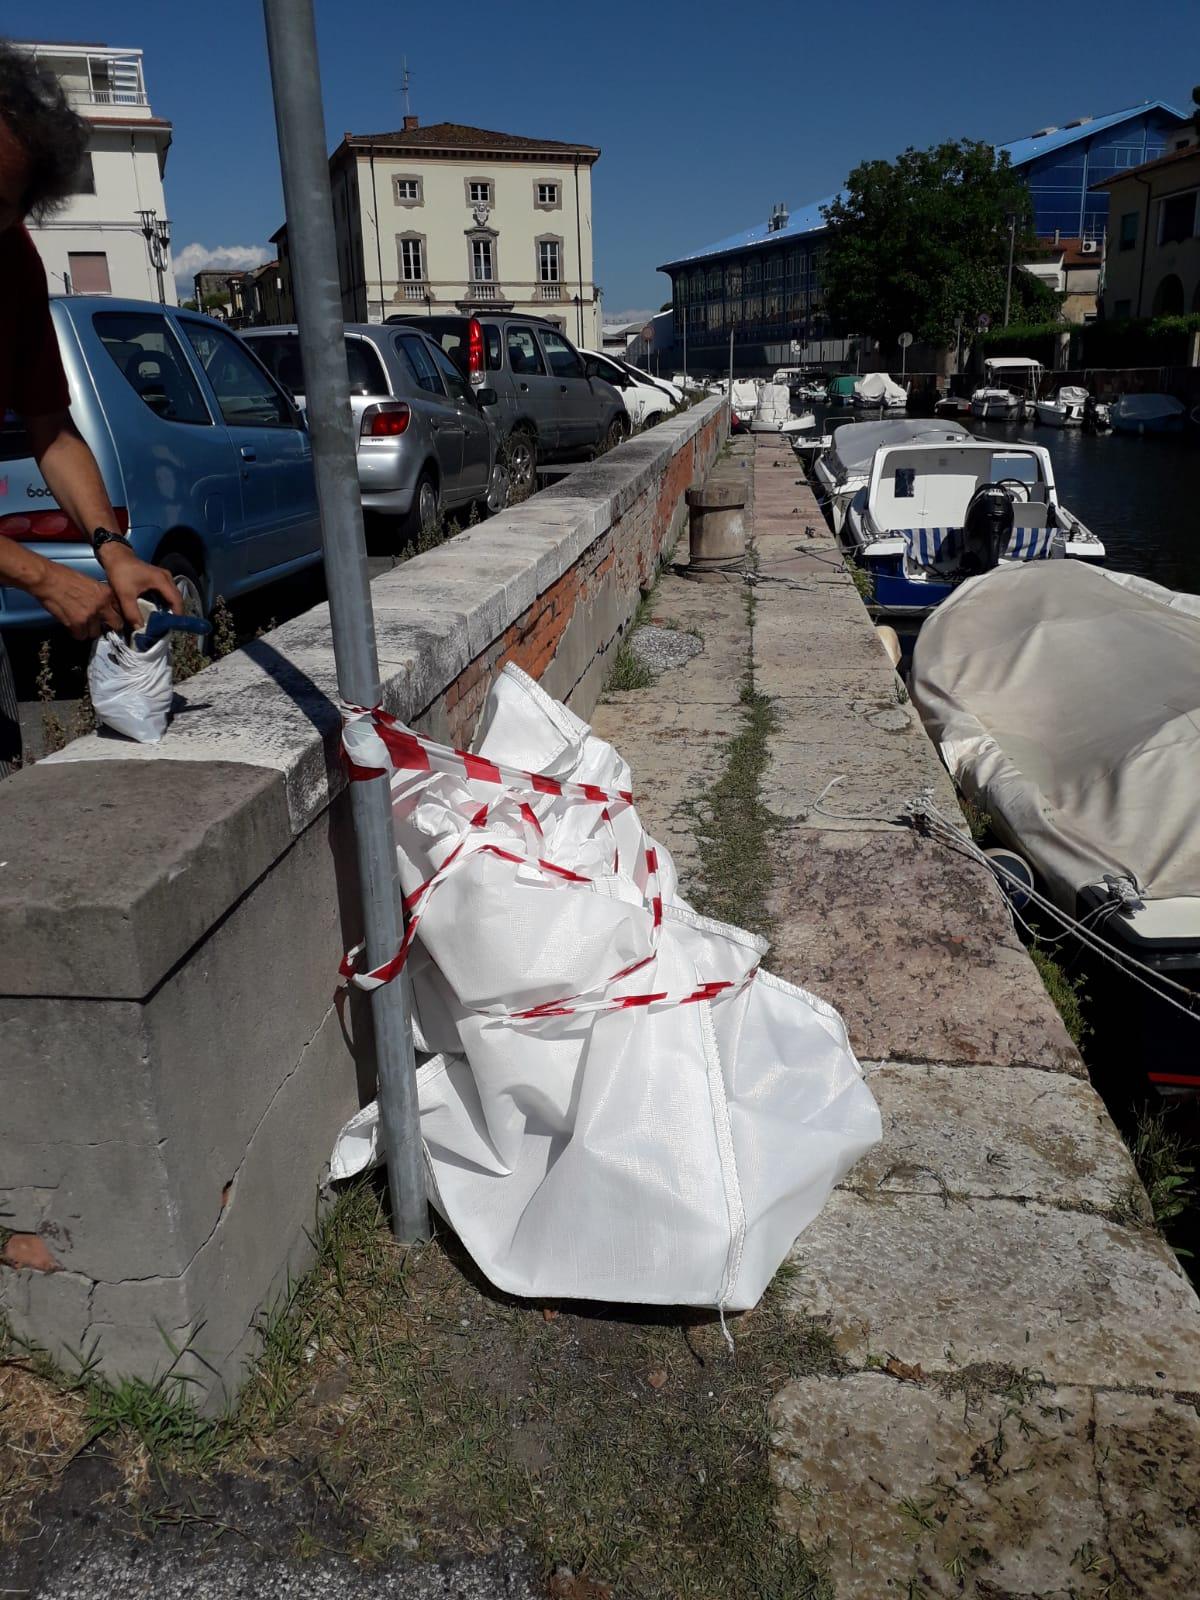 Cane morto nel Burlamacca, si muove anche Gaia Lex e l'avvocato Stefania Vecoli